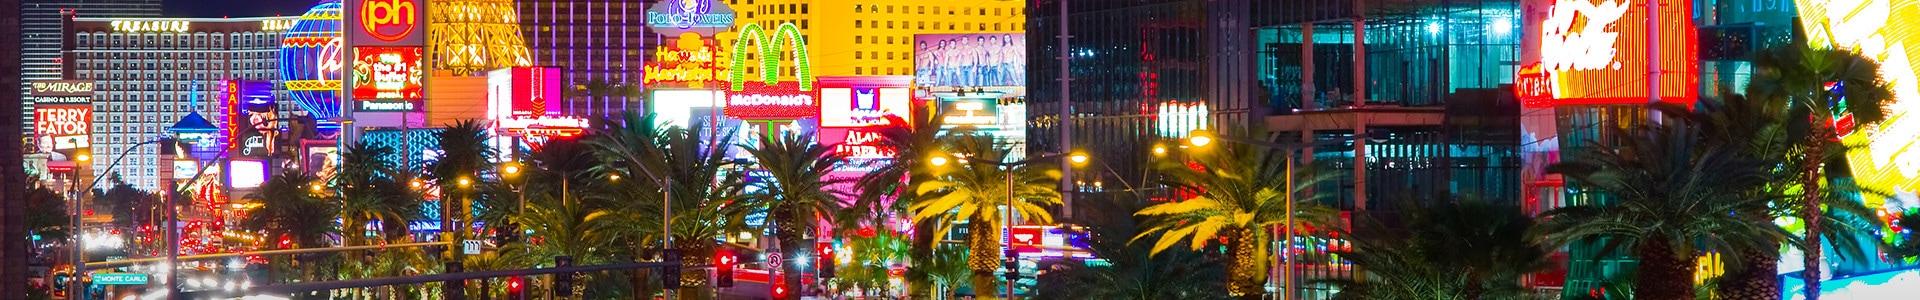 Vol Las Vegas - TUI